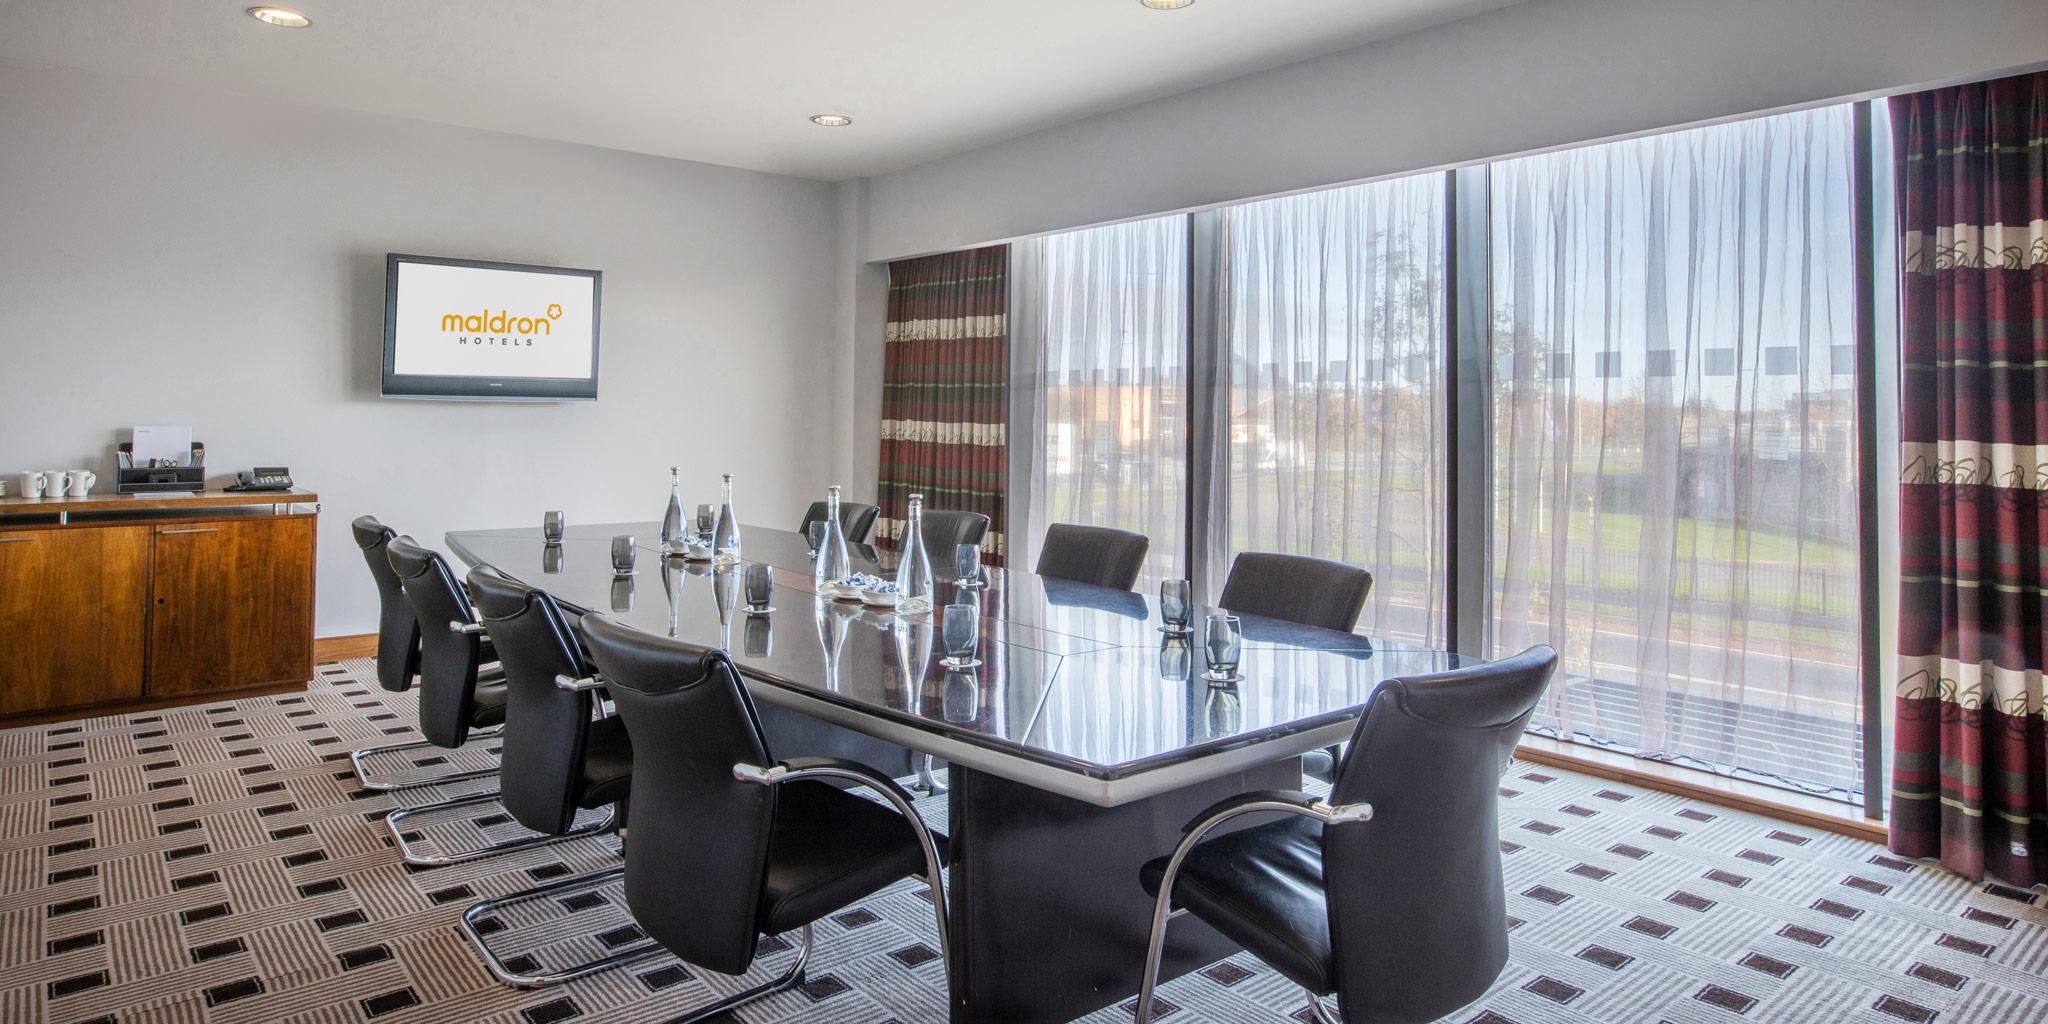 Boardroom-Maldron-Tallaght